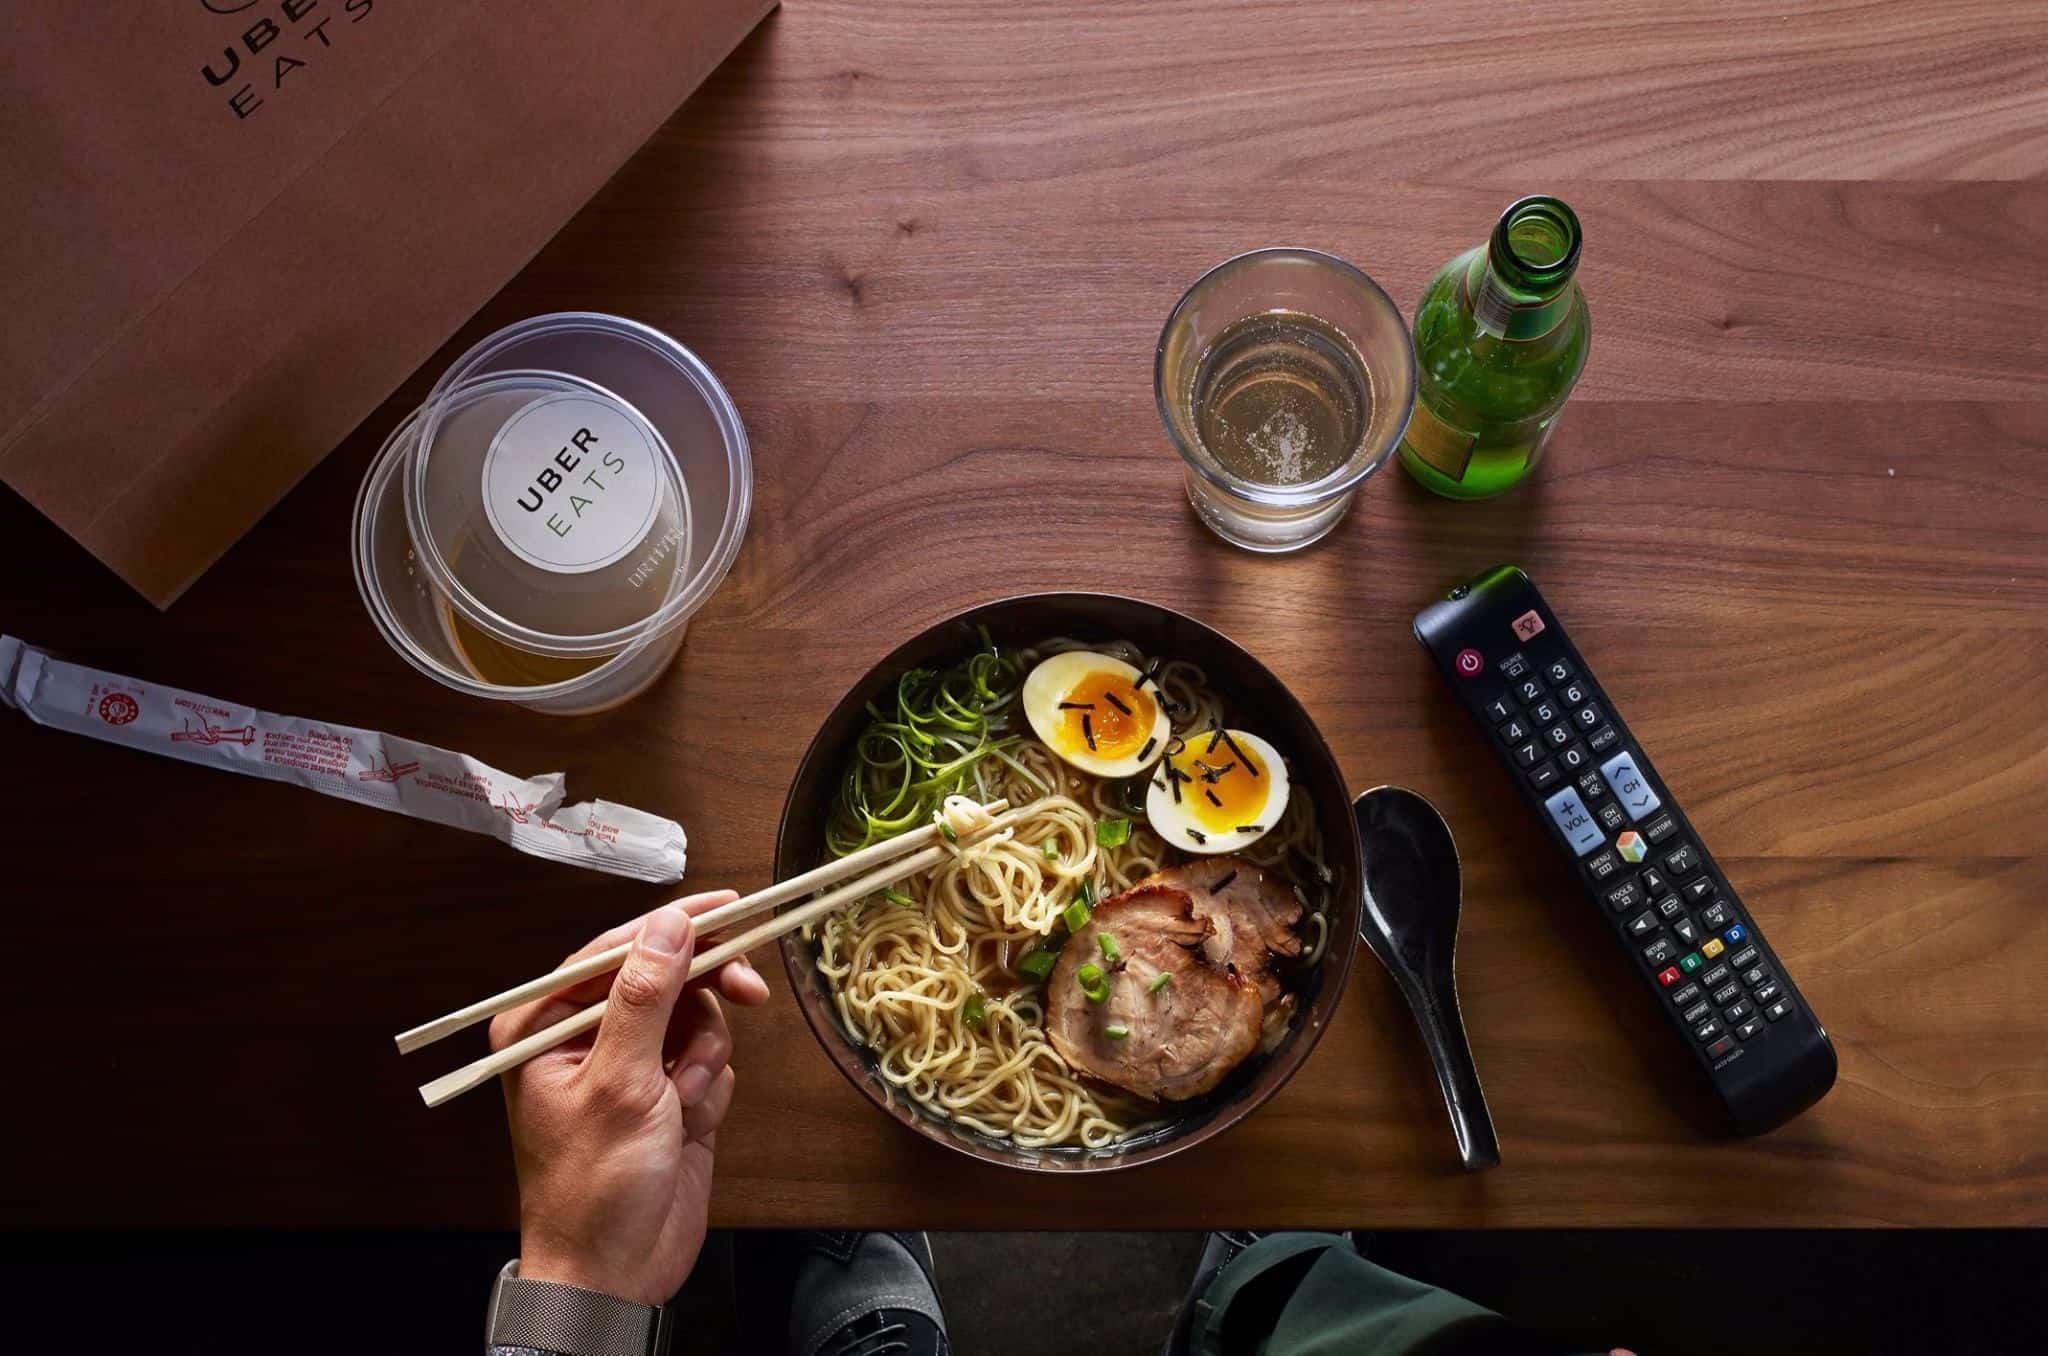 UberEats กับร้านอาหารเสมือนจริงจาก DATA ของผู้ใช้งาน